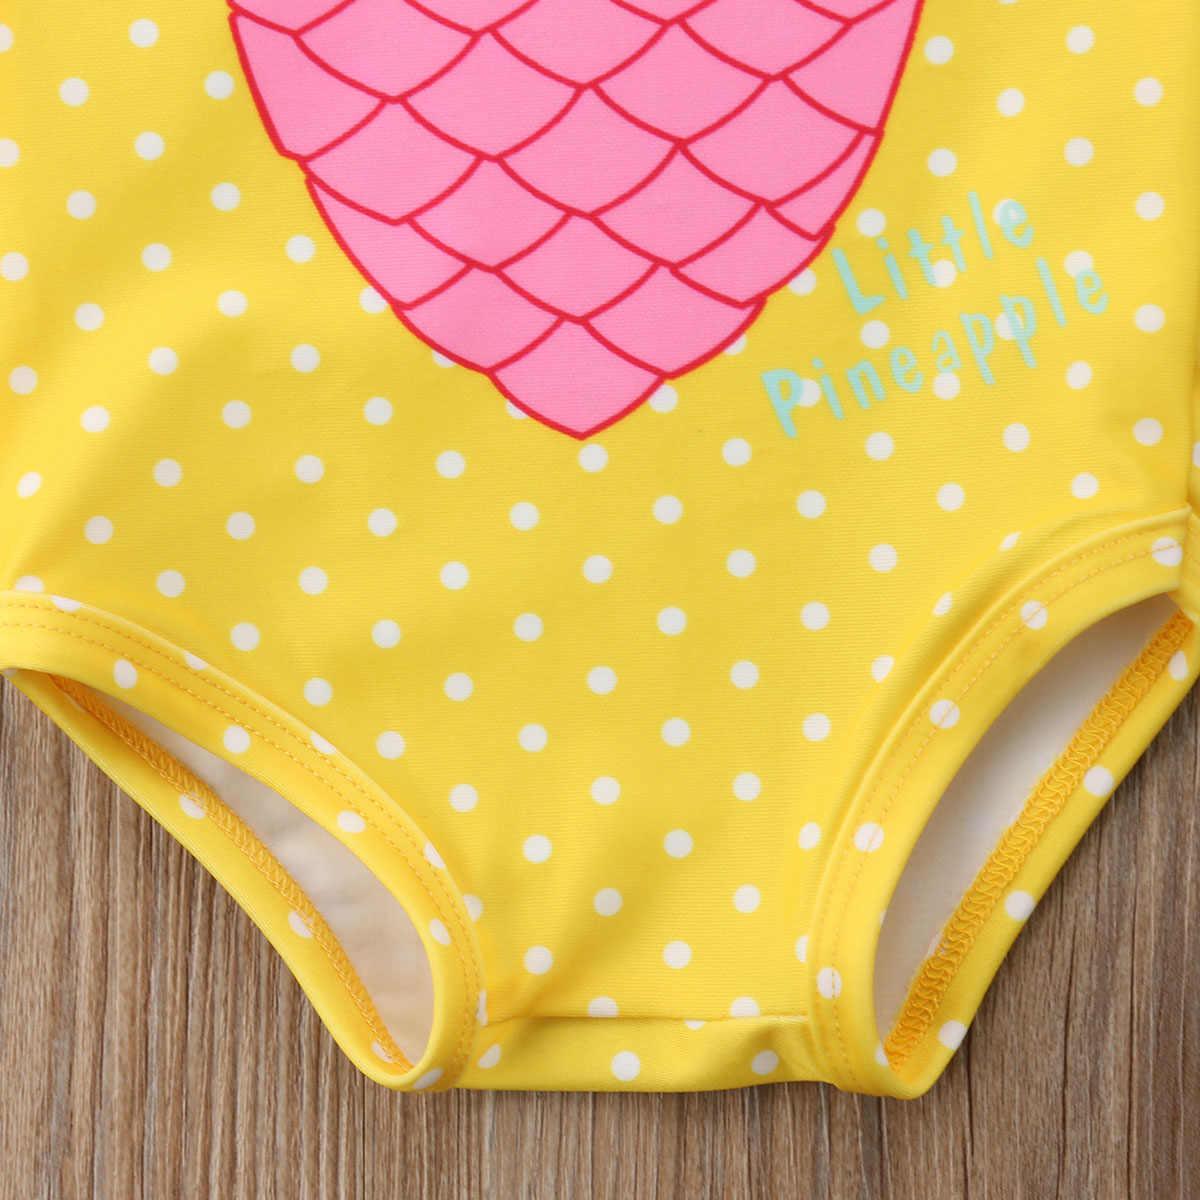 1-7Y เด็กทารกสับปะรดพิมพ์ชุดว่ายน้ำเด็กวัยหัดเดินชุดว่ายน้ำ Beachwear เด็กทารกเสื้อผ้าเด็กชุดว่ายน้ำฤดูร้อน